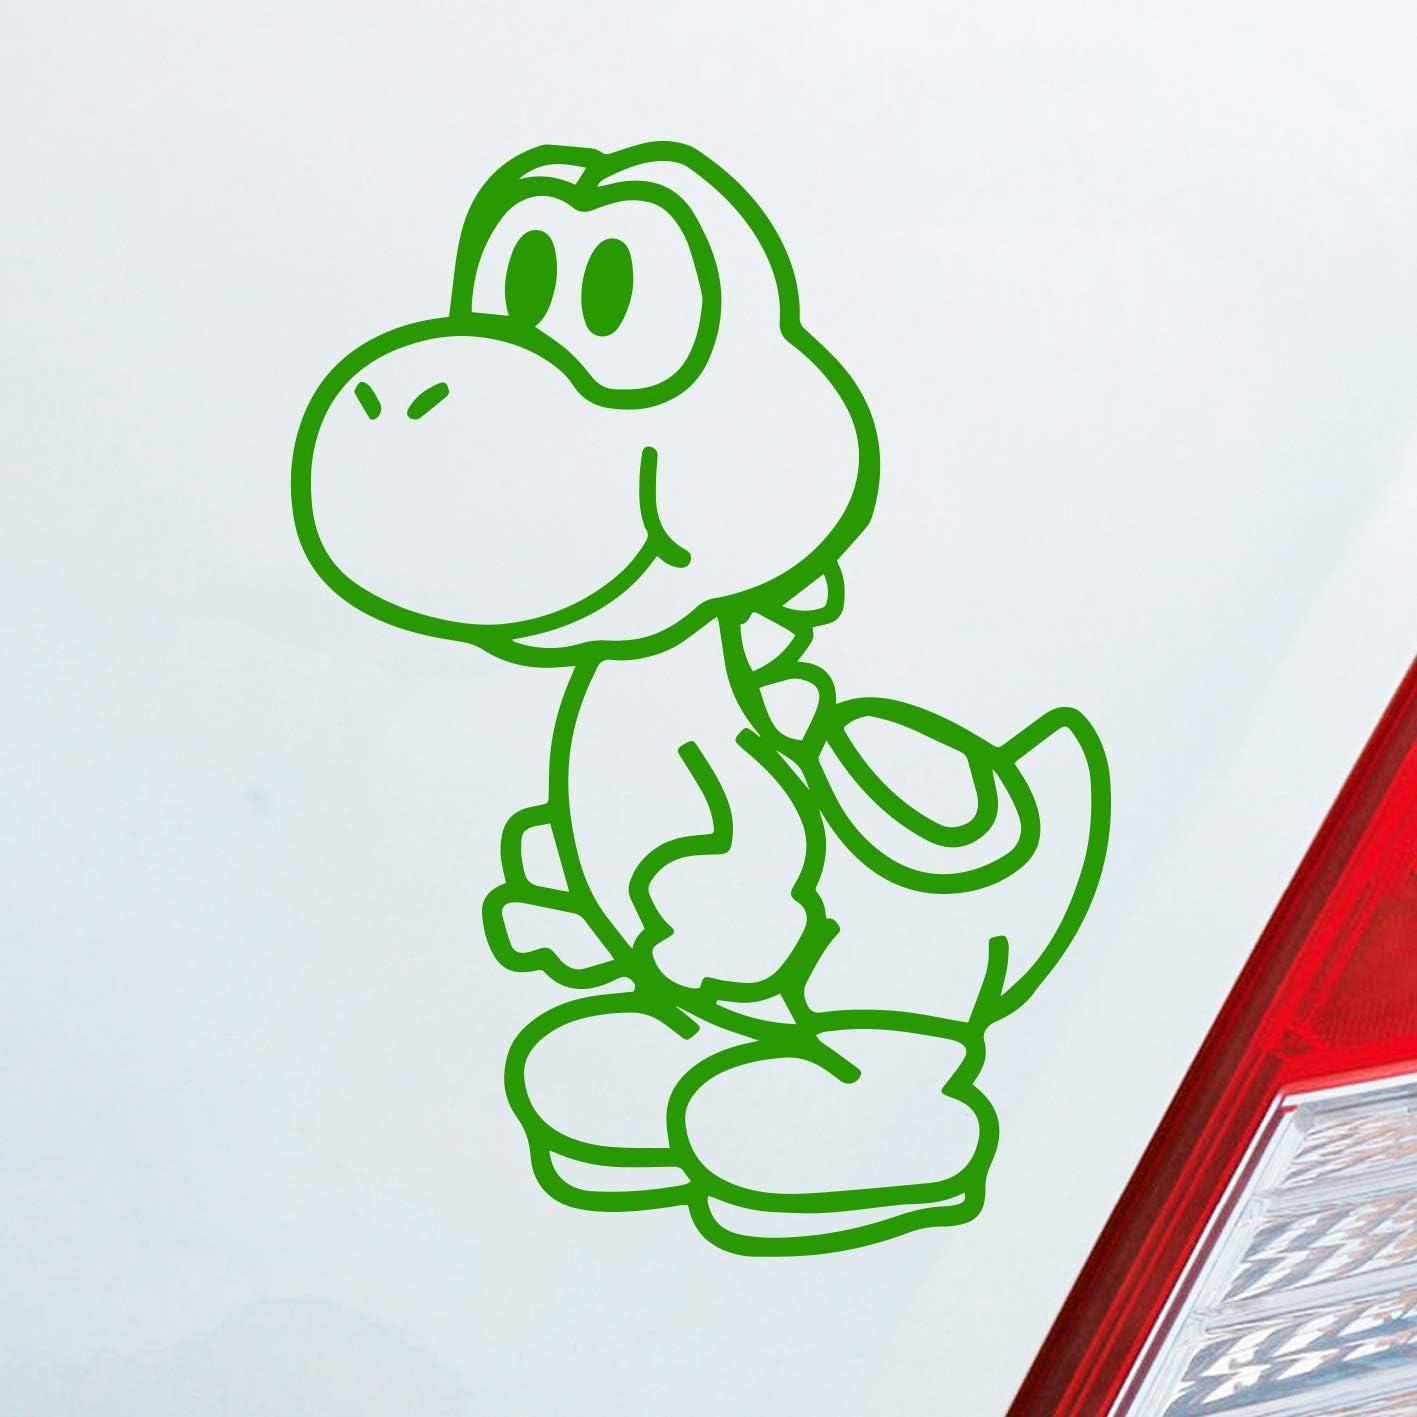 Car Sticker In Your Choice Of Colour For Yoshi Super Mario Bros Nintendo Fans 10 X 14 Cm Auto